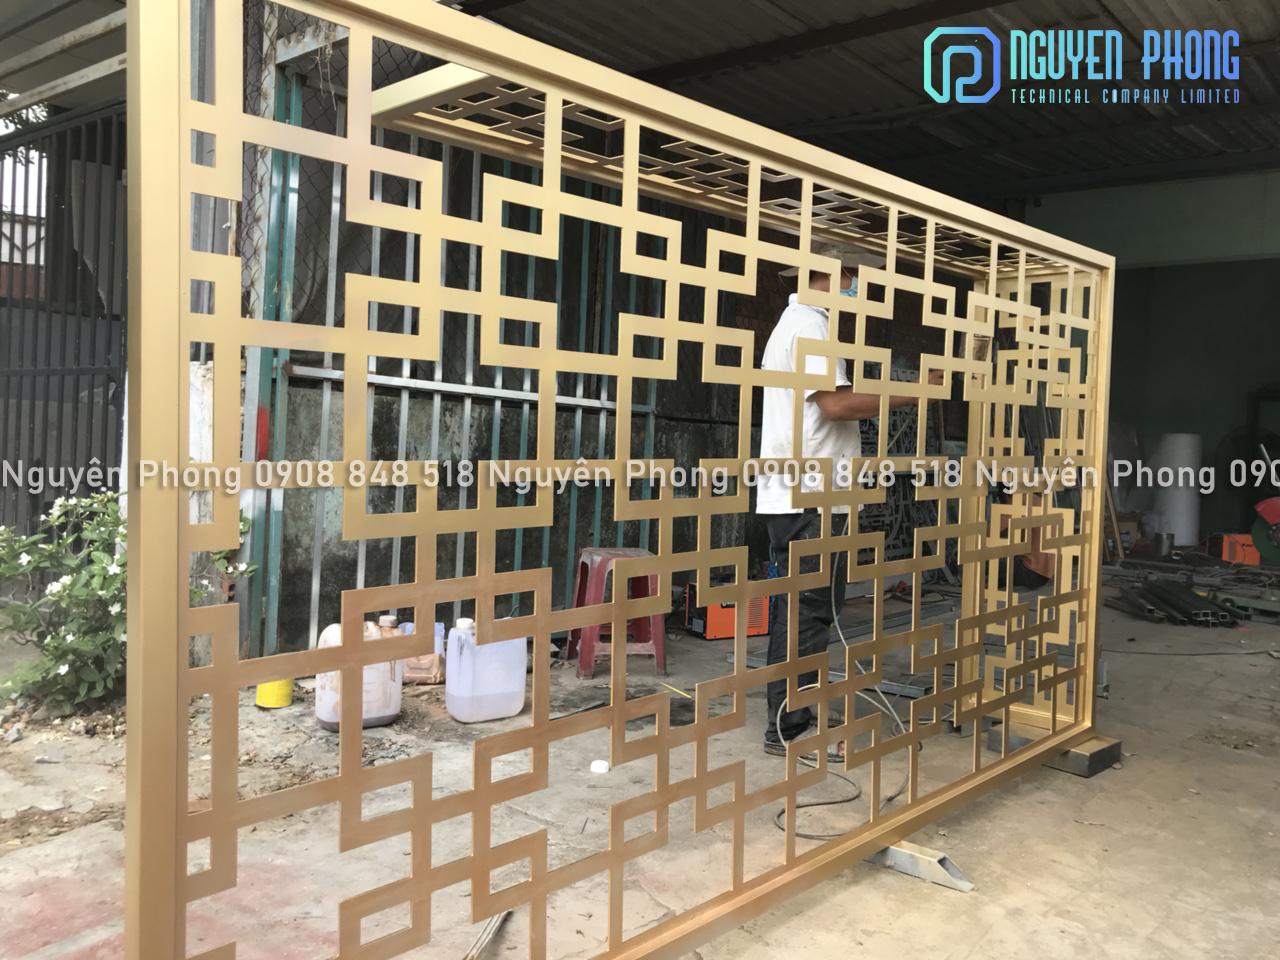 Cung cấp, thi công hoàn thiện trọn gói cổng, lan can, hàng rào, vách ngăn sắt CNC, sắt uốn mỹ thuật